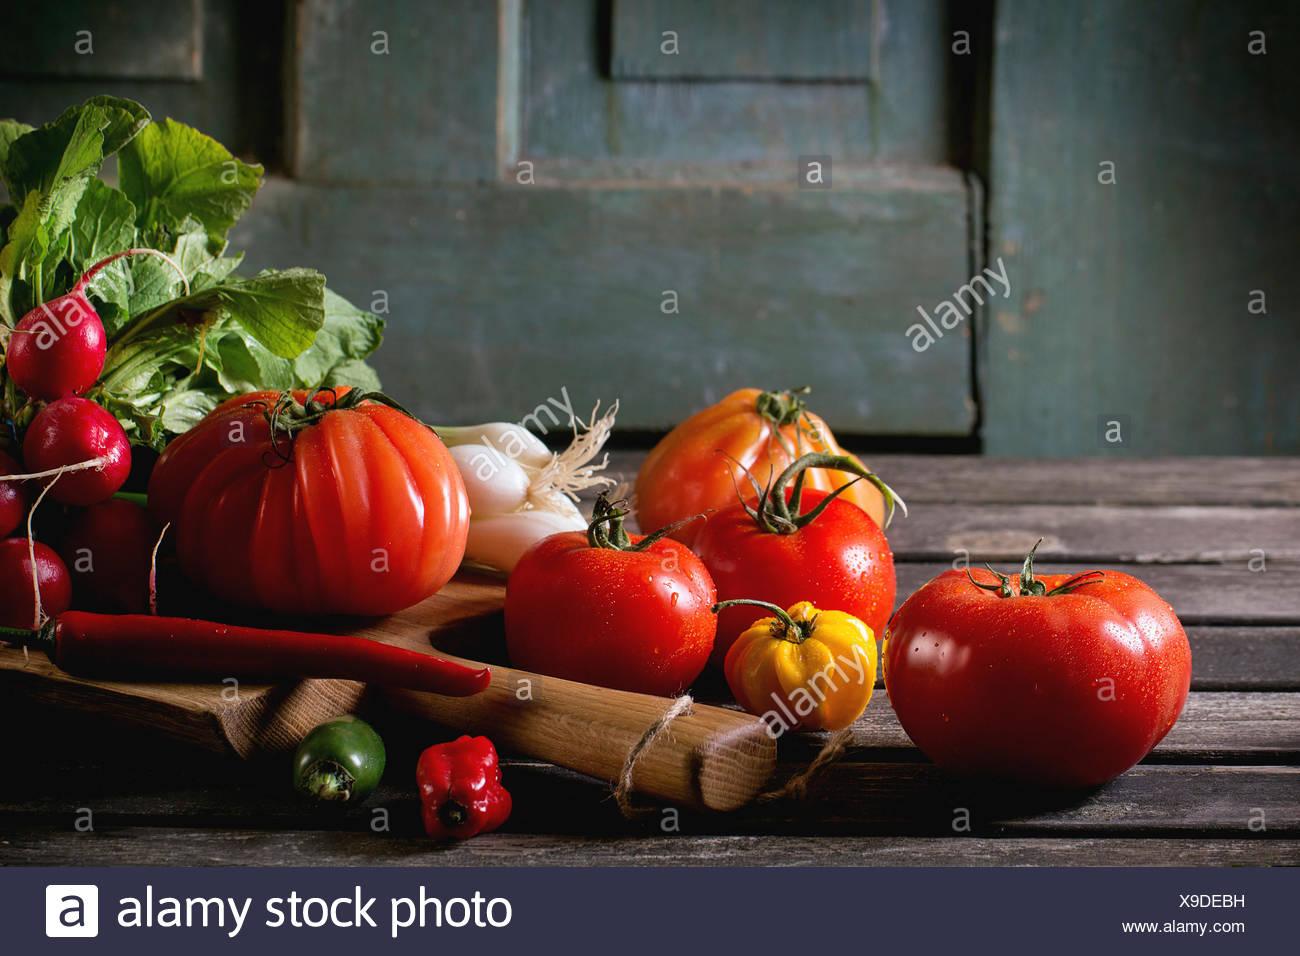 Haufen Von Frischgemüse Reif Bunte Tomaten Chilischoten